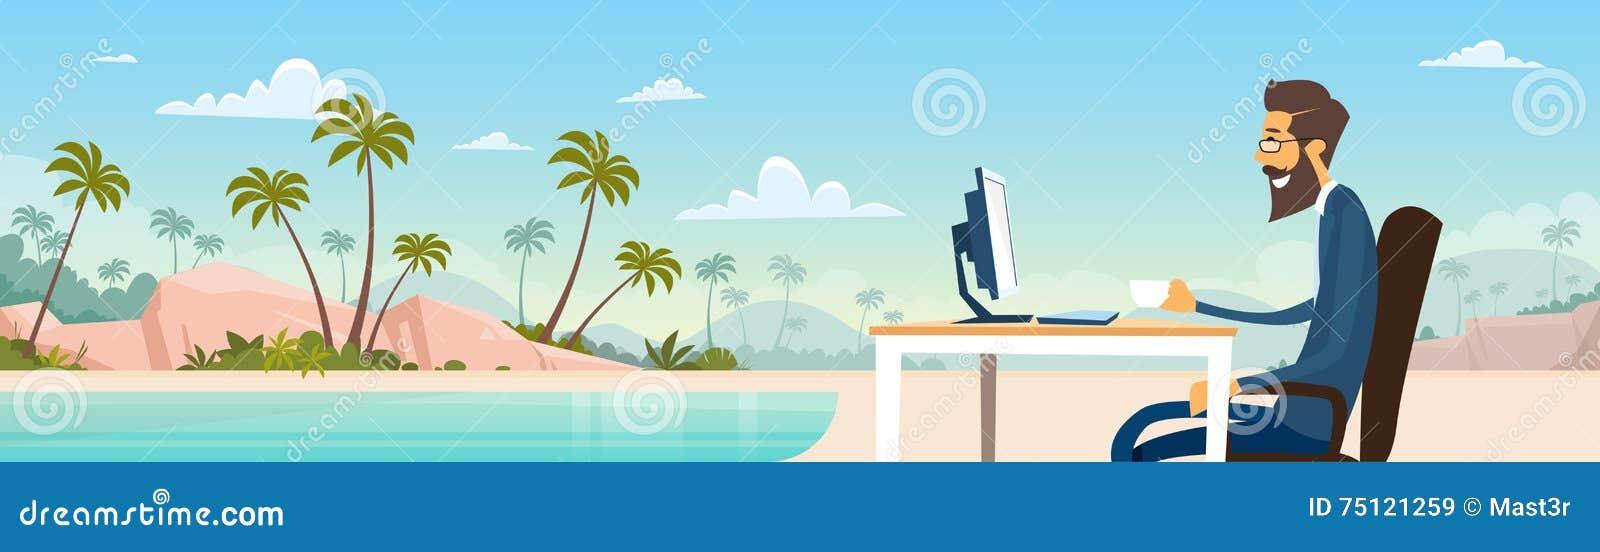 在衣服的商人自由职业者的远程工作地方商人坐桌面海滩暑假热带海岛